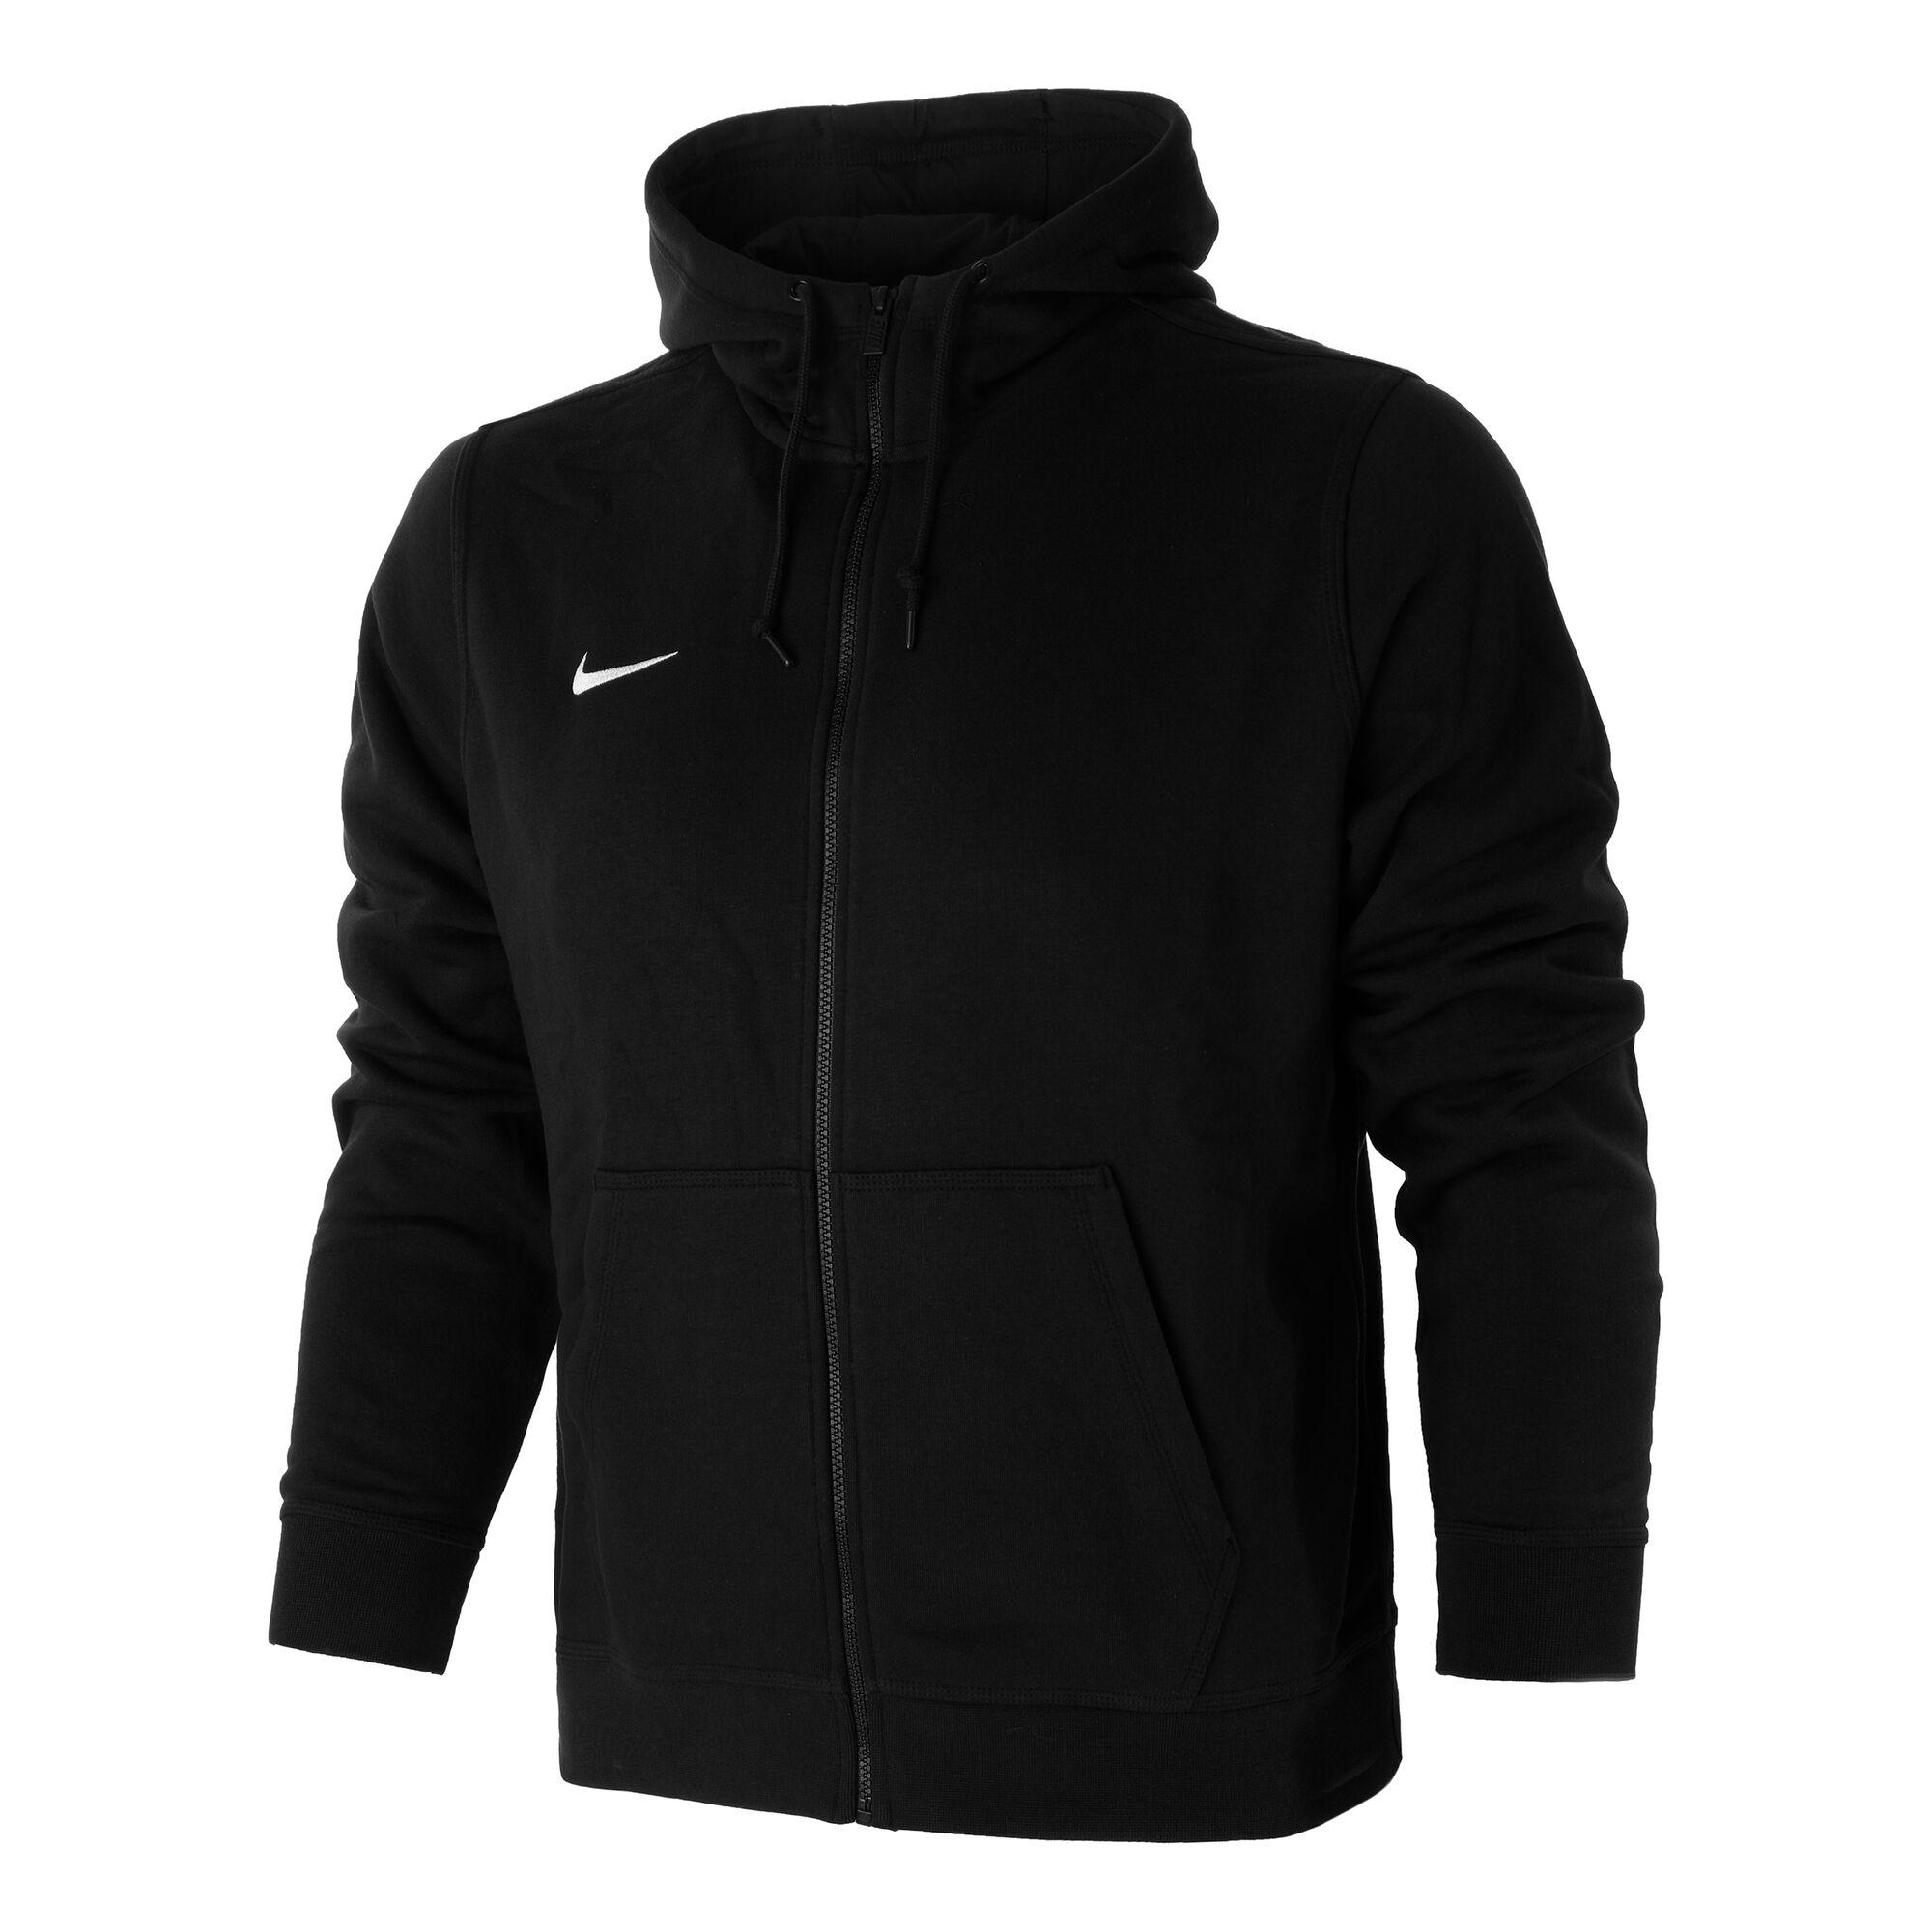 Nike Sweatjacke Herren Schwarz